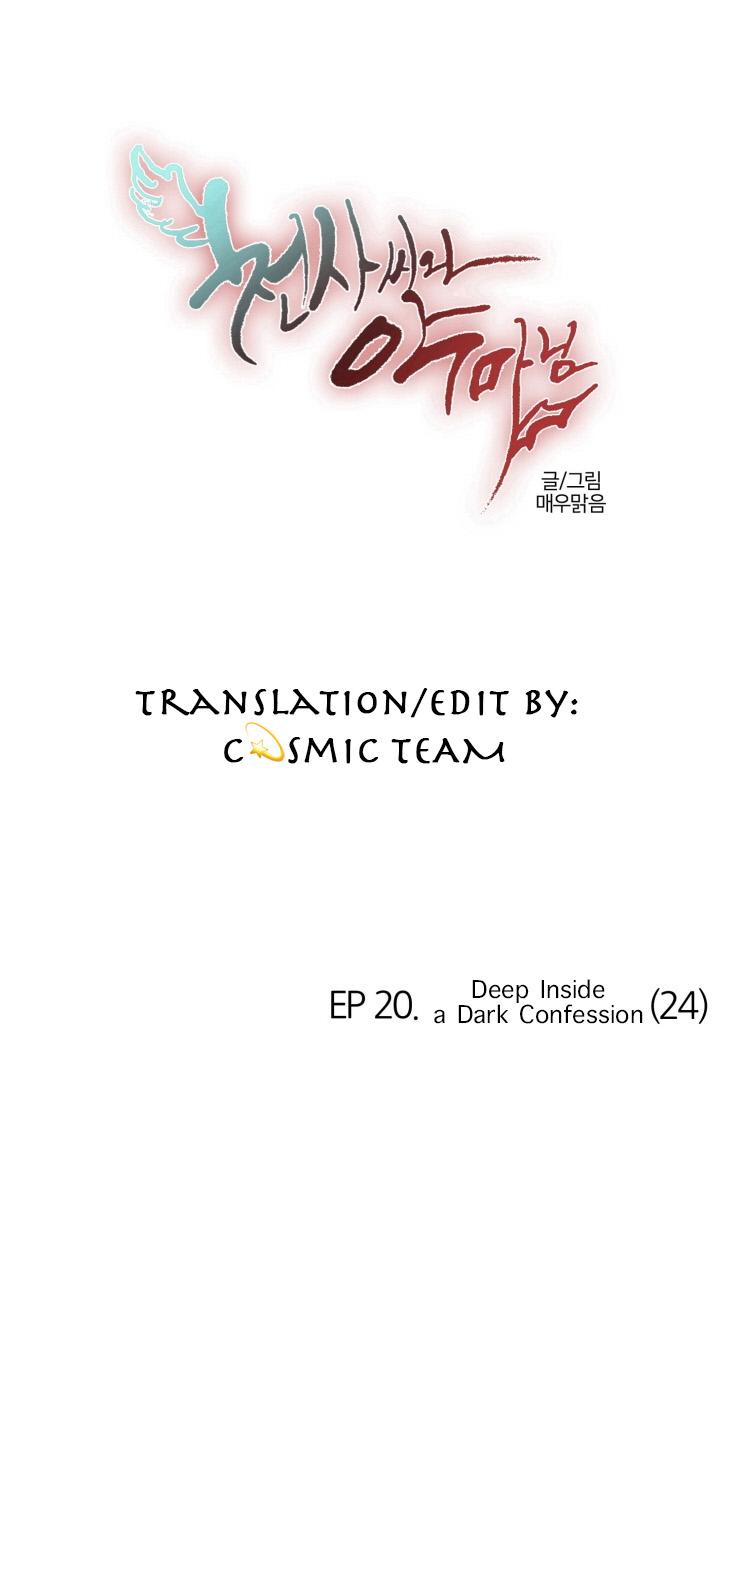 https://manga.mangadogs.com/comics/pic2/58/23610/1369690/a8a0c5fd5592c7c67617018455a8a83b.jpg Page 1